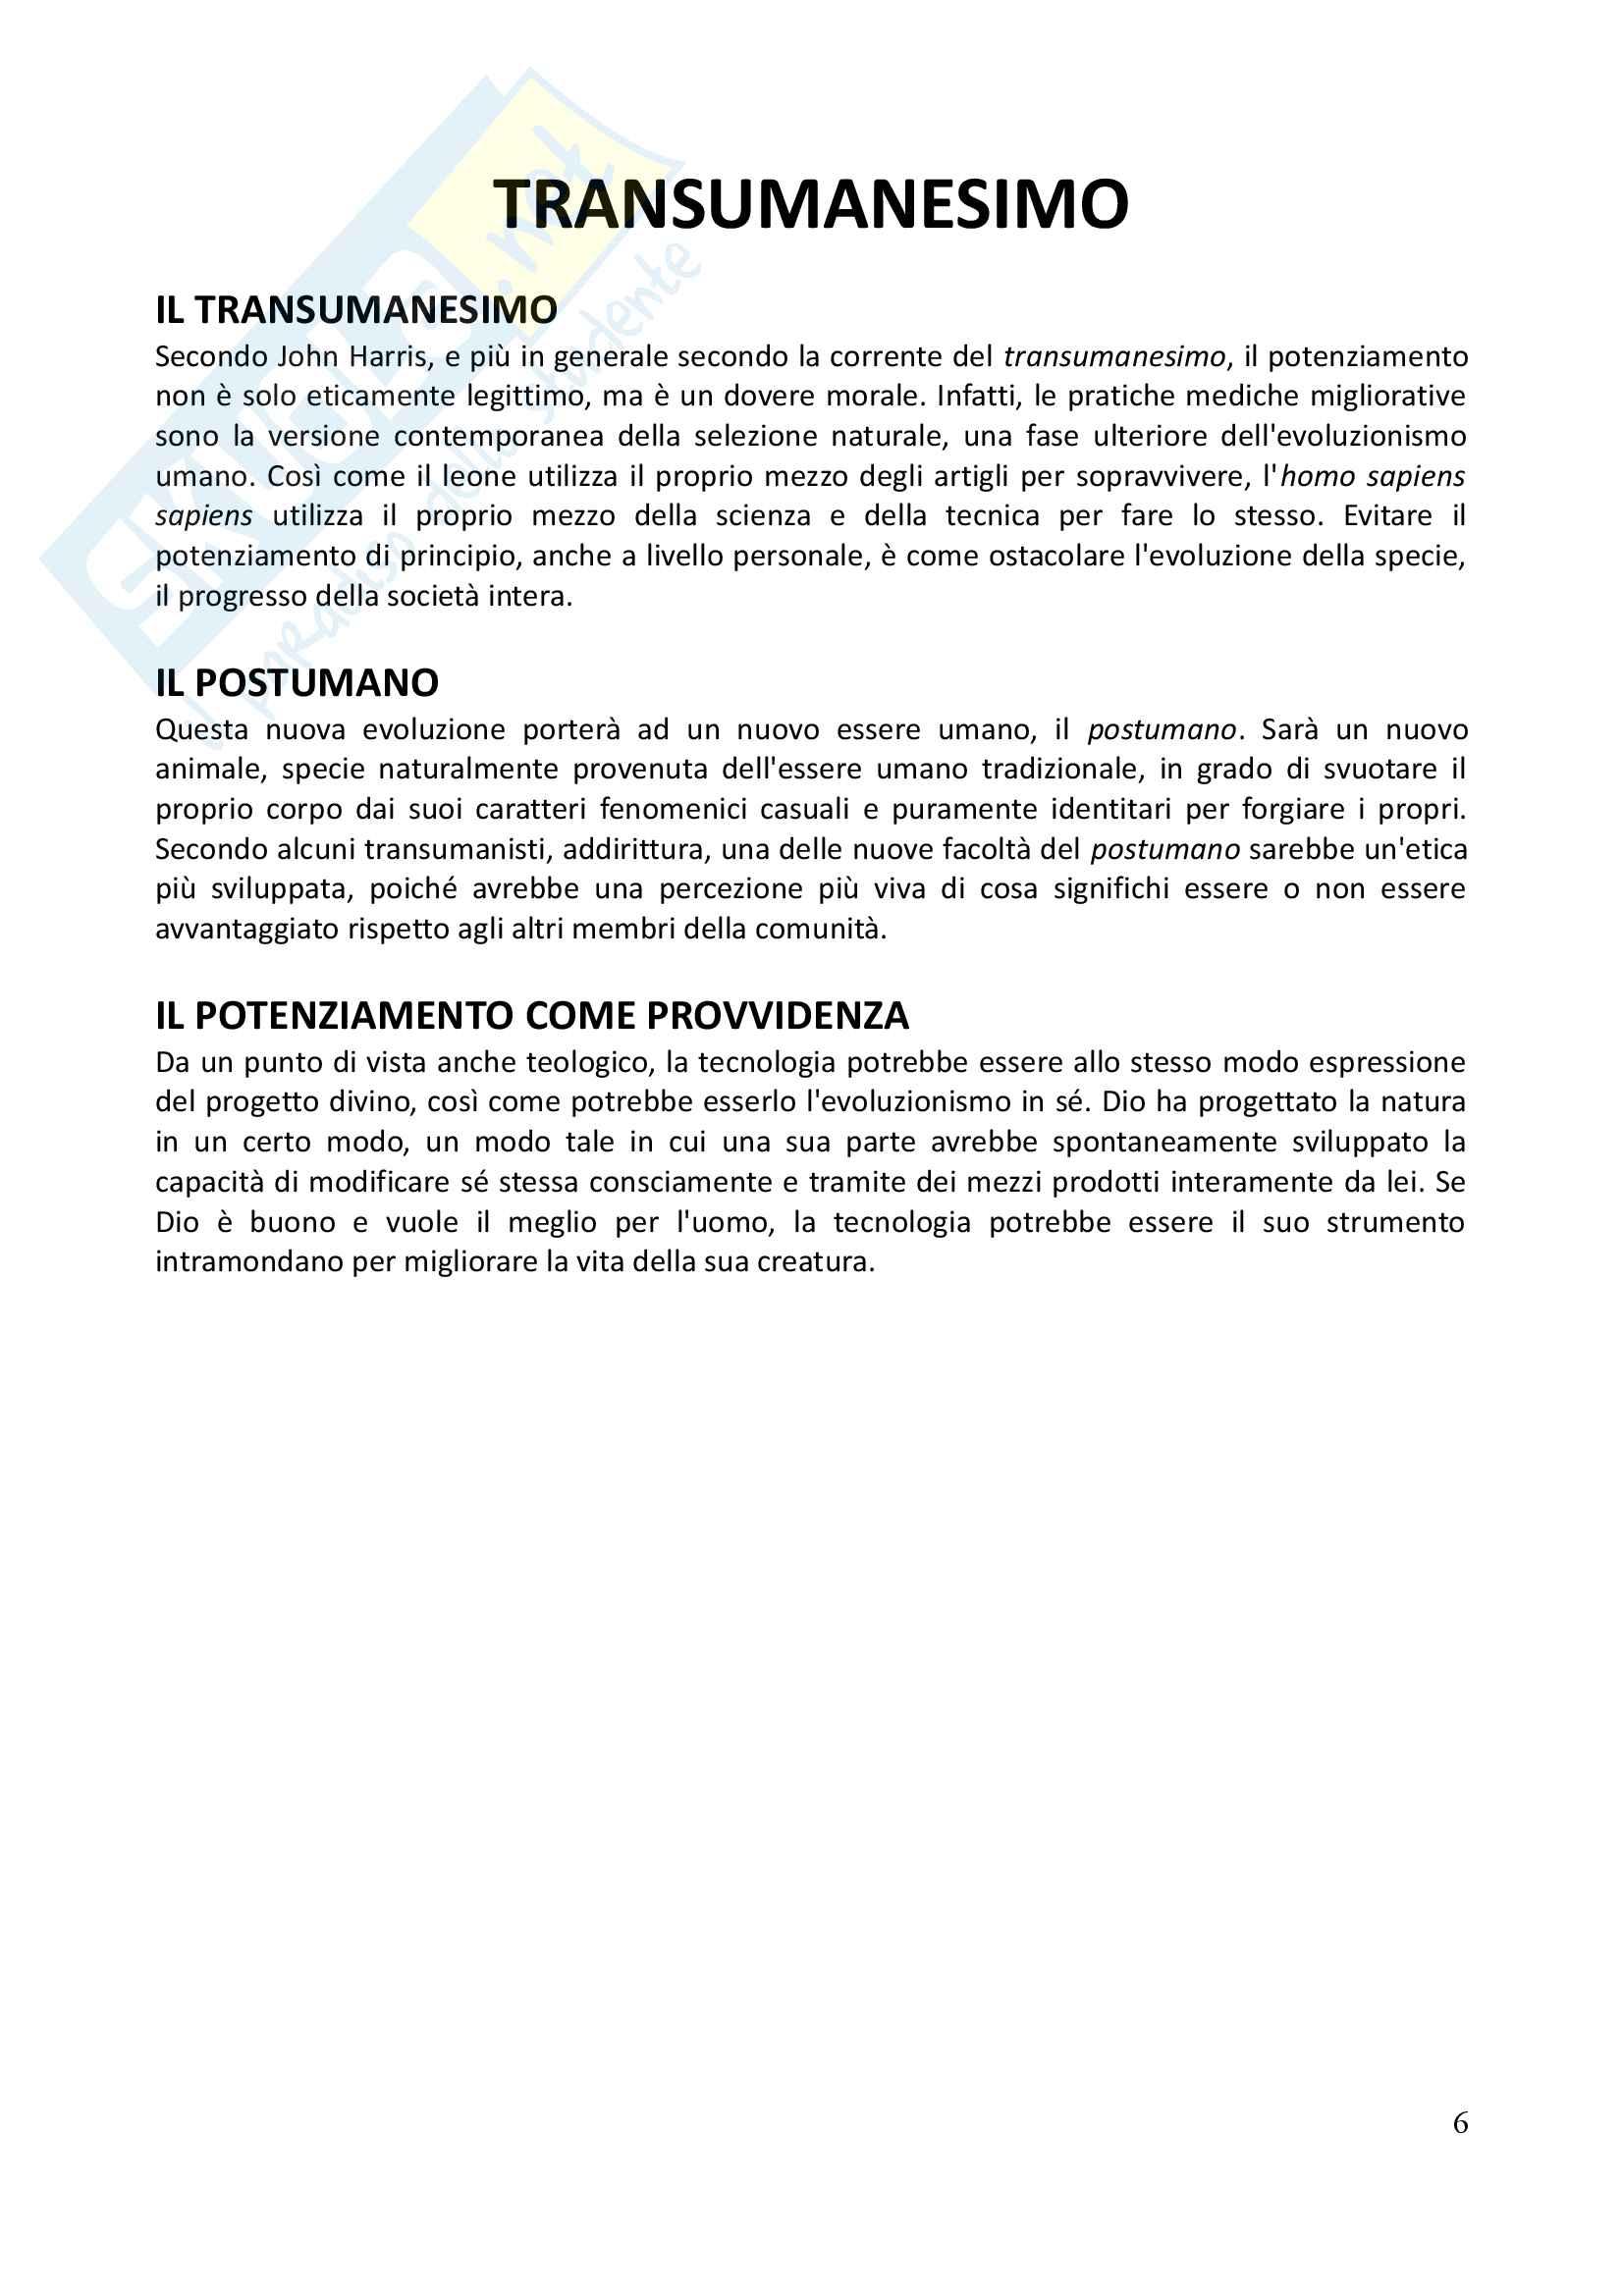 Etica applicata: La questione del potenziamento umano - Appunti completi Pag. 6